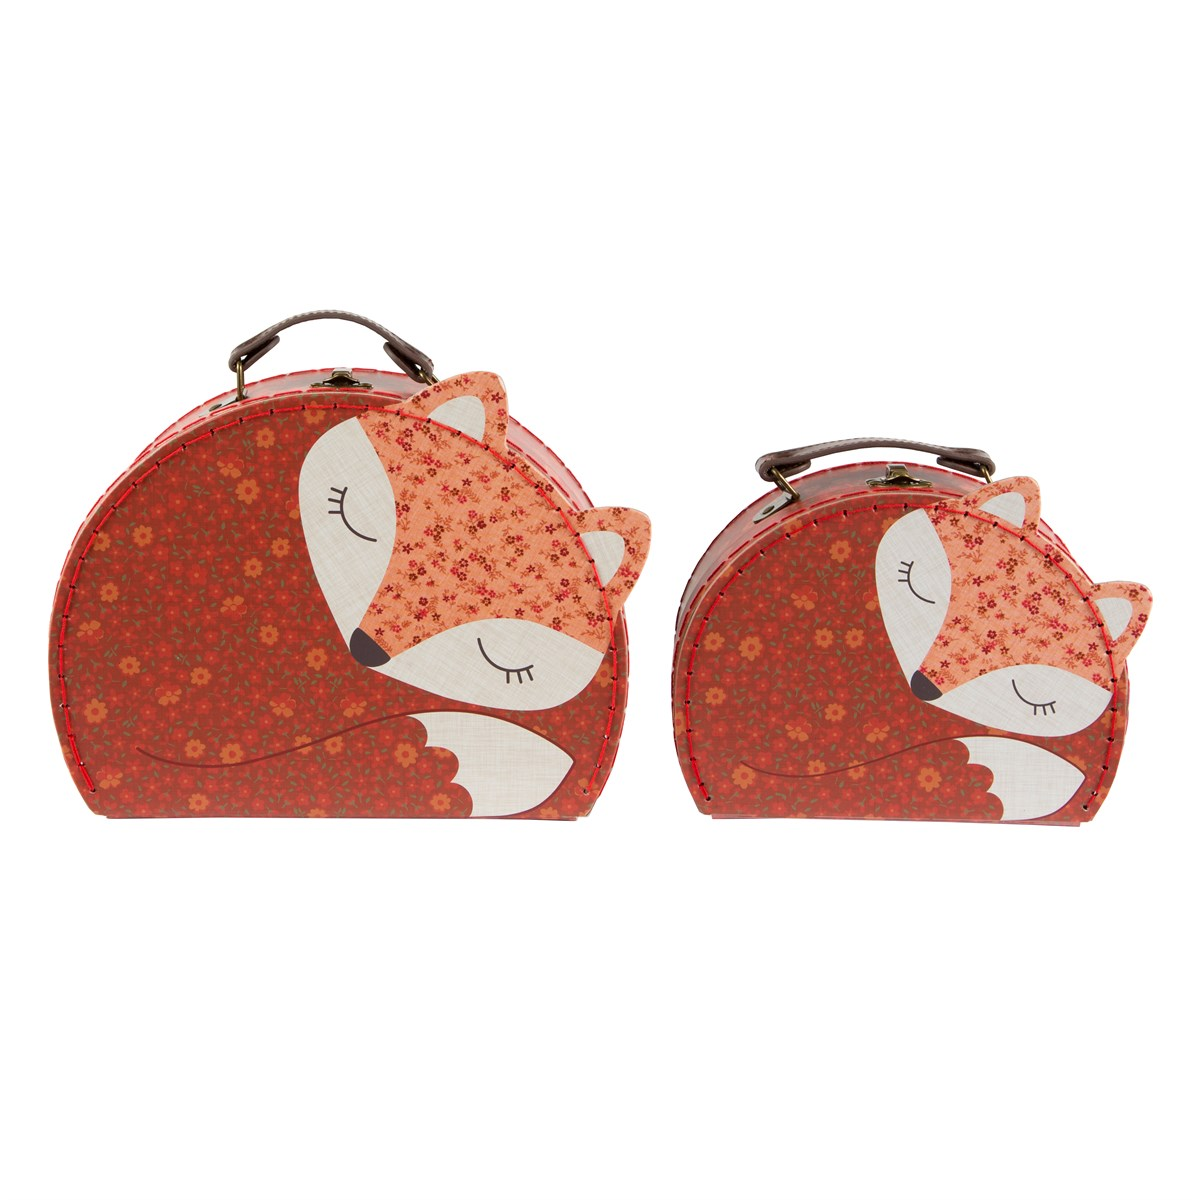 Kartonový kufřík Liška - větší